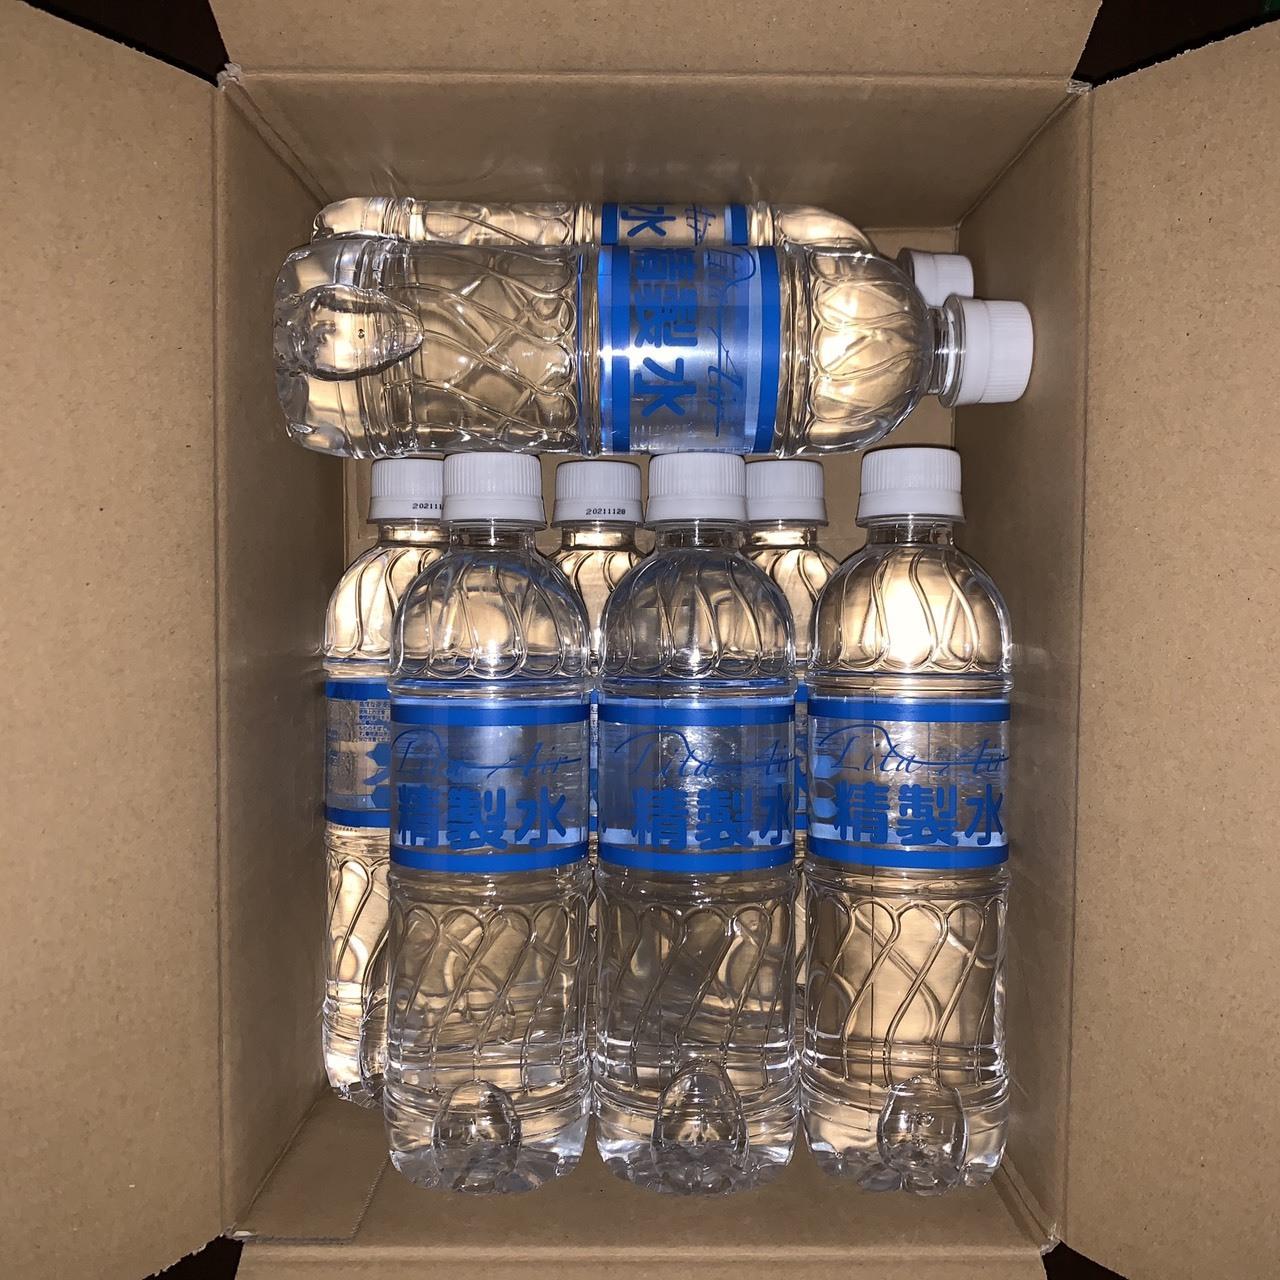 リタエアー専用精製水8本セット|平日即配送